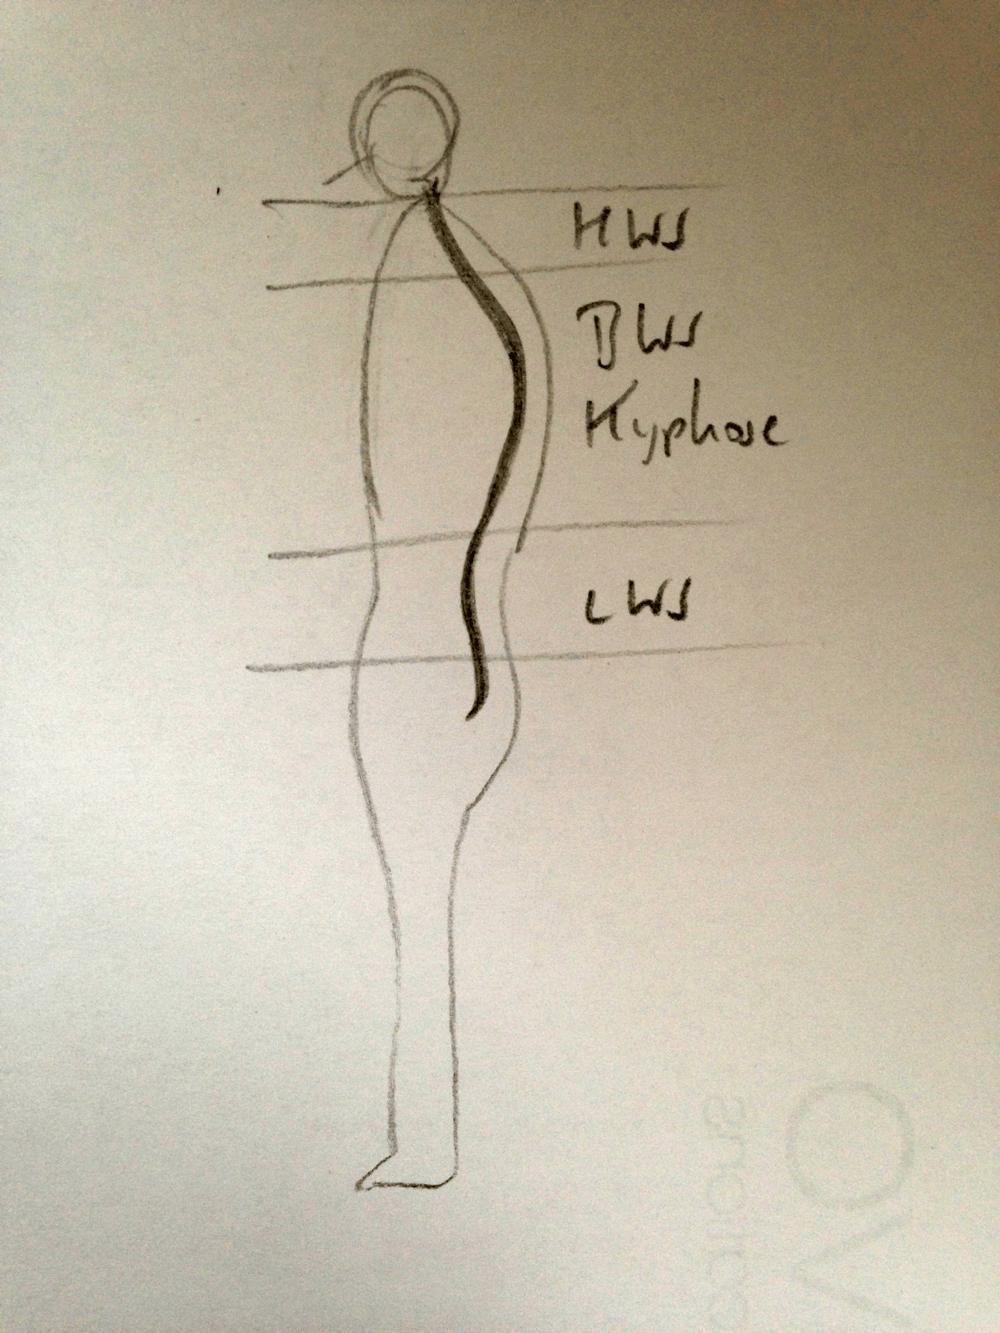 Darstellung einer Hyperkyphose in der Brustwirbelsäule (BWS) sowie einer natürlichen Lordose der Halswirbelsäule (HWS) und der Lendenwirbelsäule (LWS)